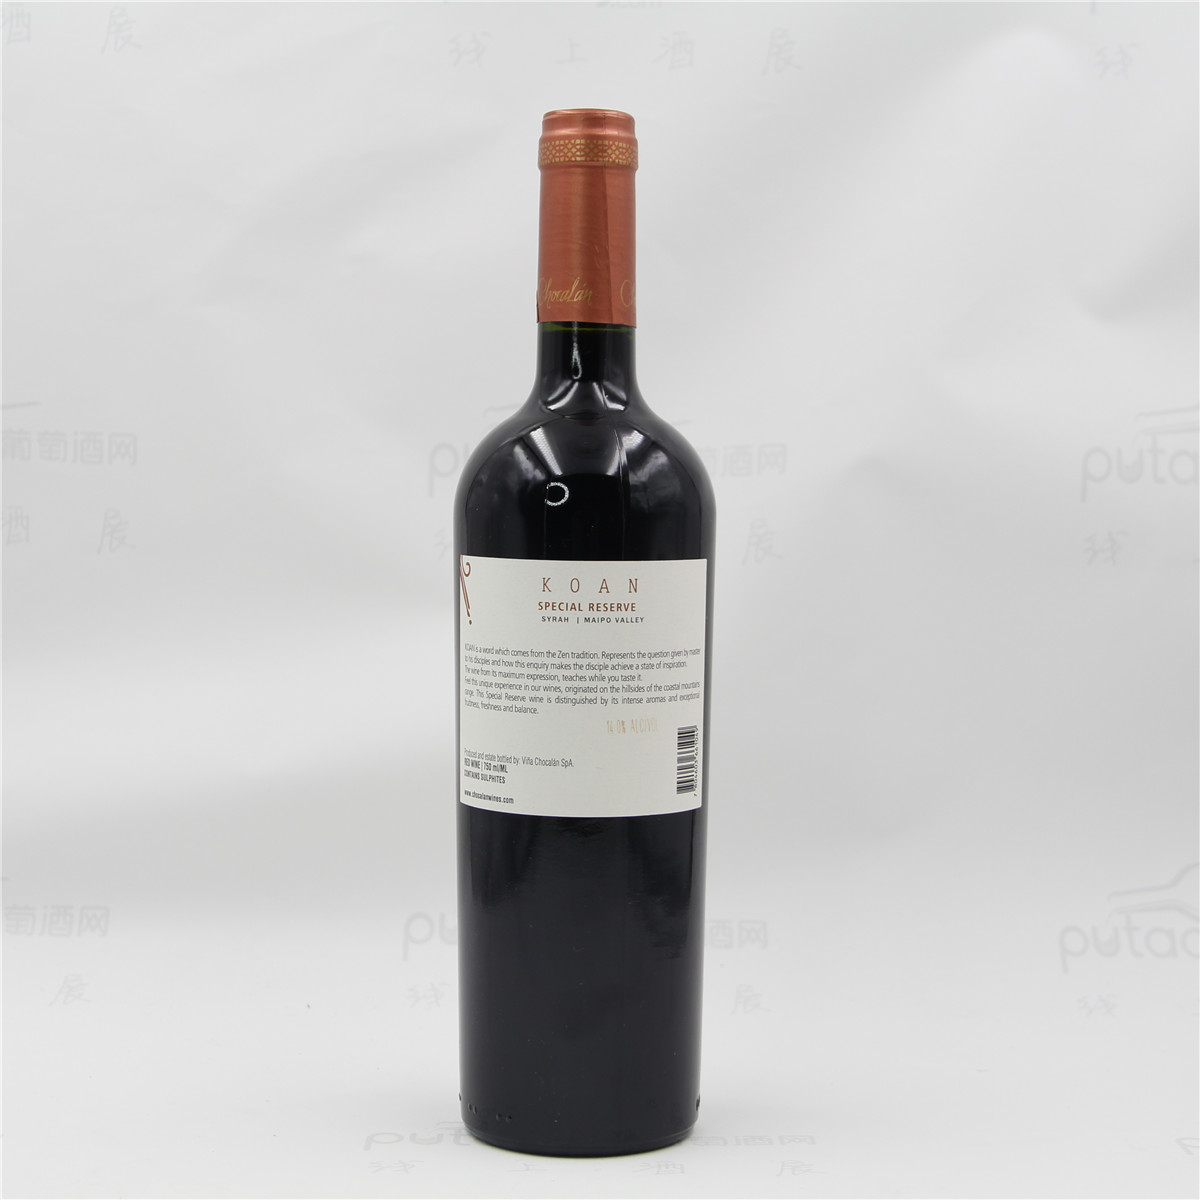 智利迈坡谷朝凯蓝酒庄心印西拉特级珍藏干红葡萄酒